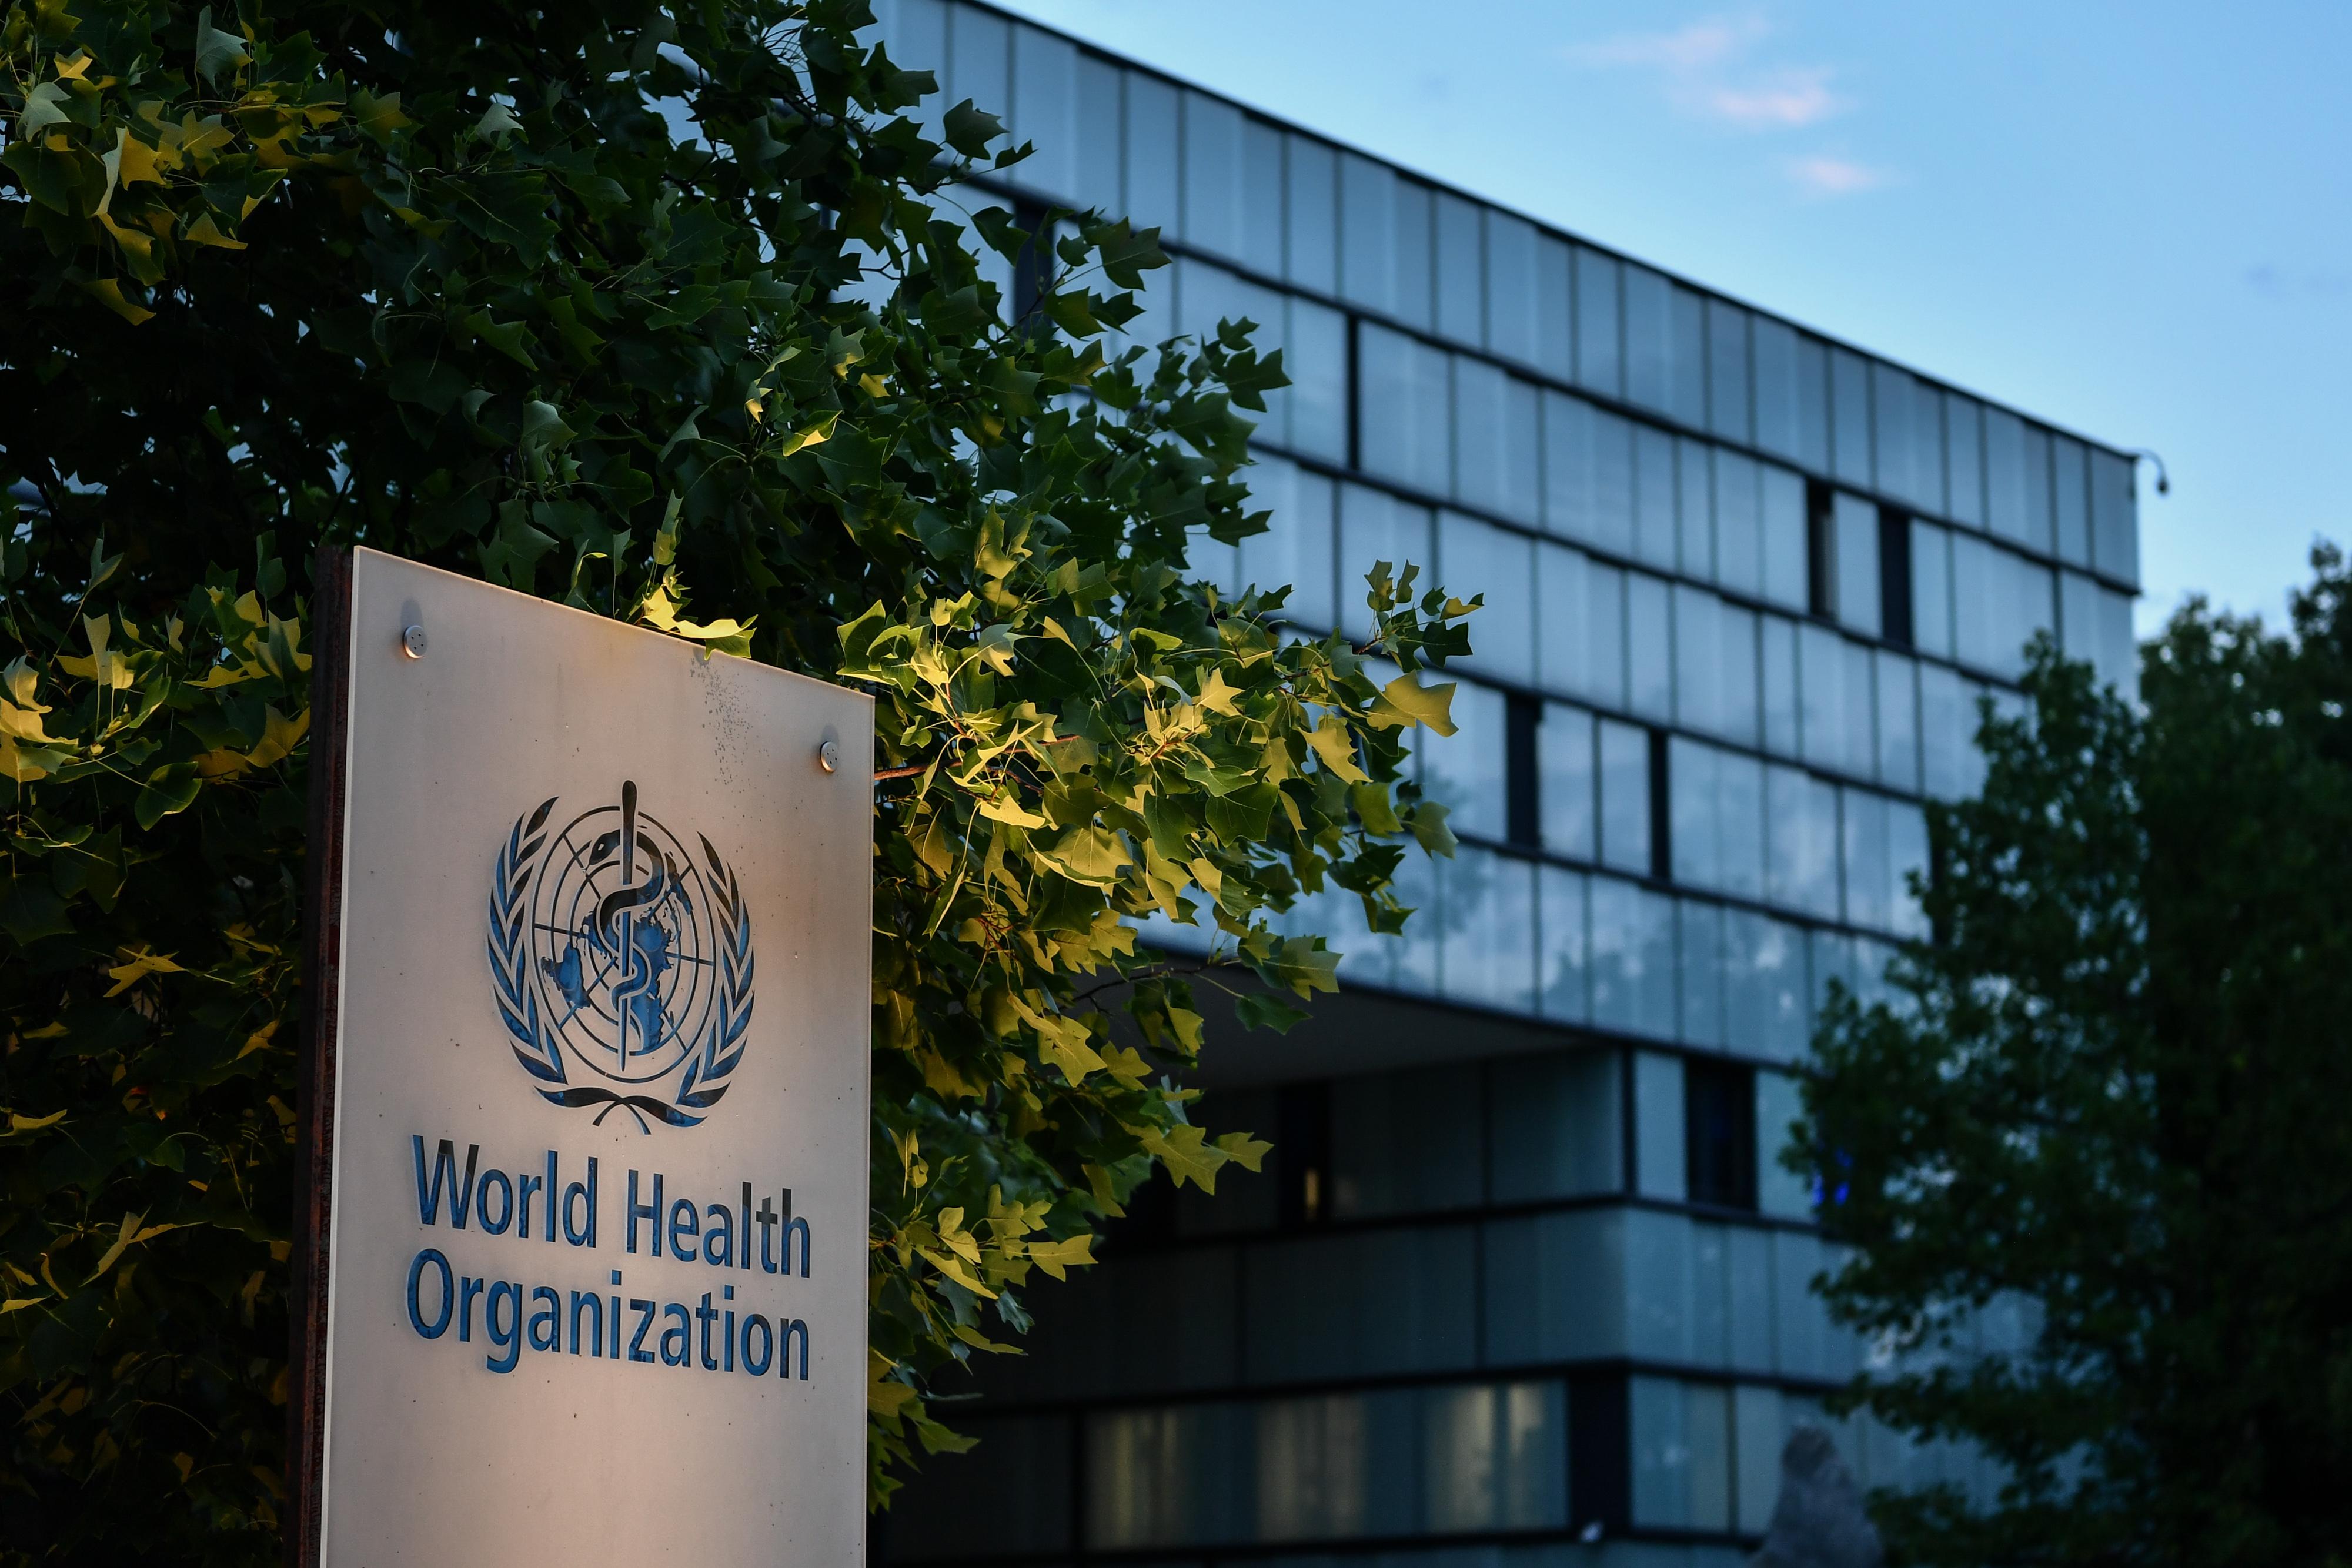 【冠状病毒19】世卫:只要公平分配资源 全球能在几个月内控制疫情